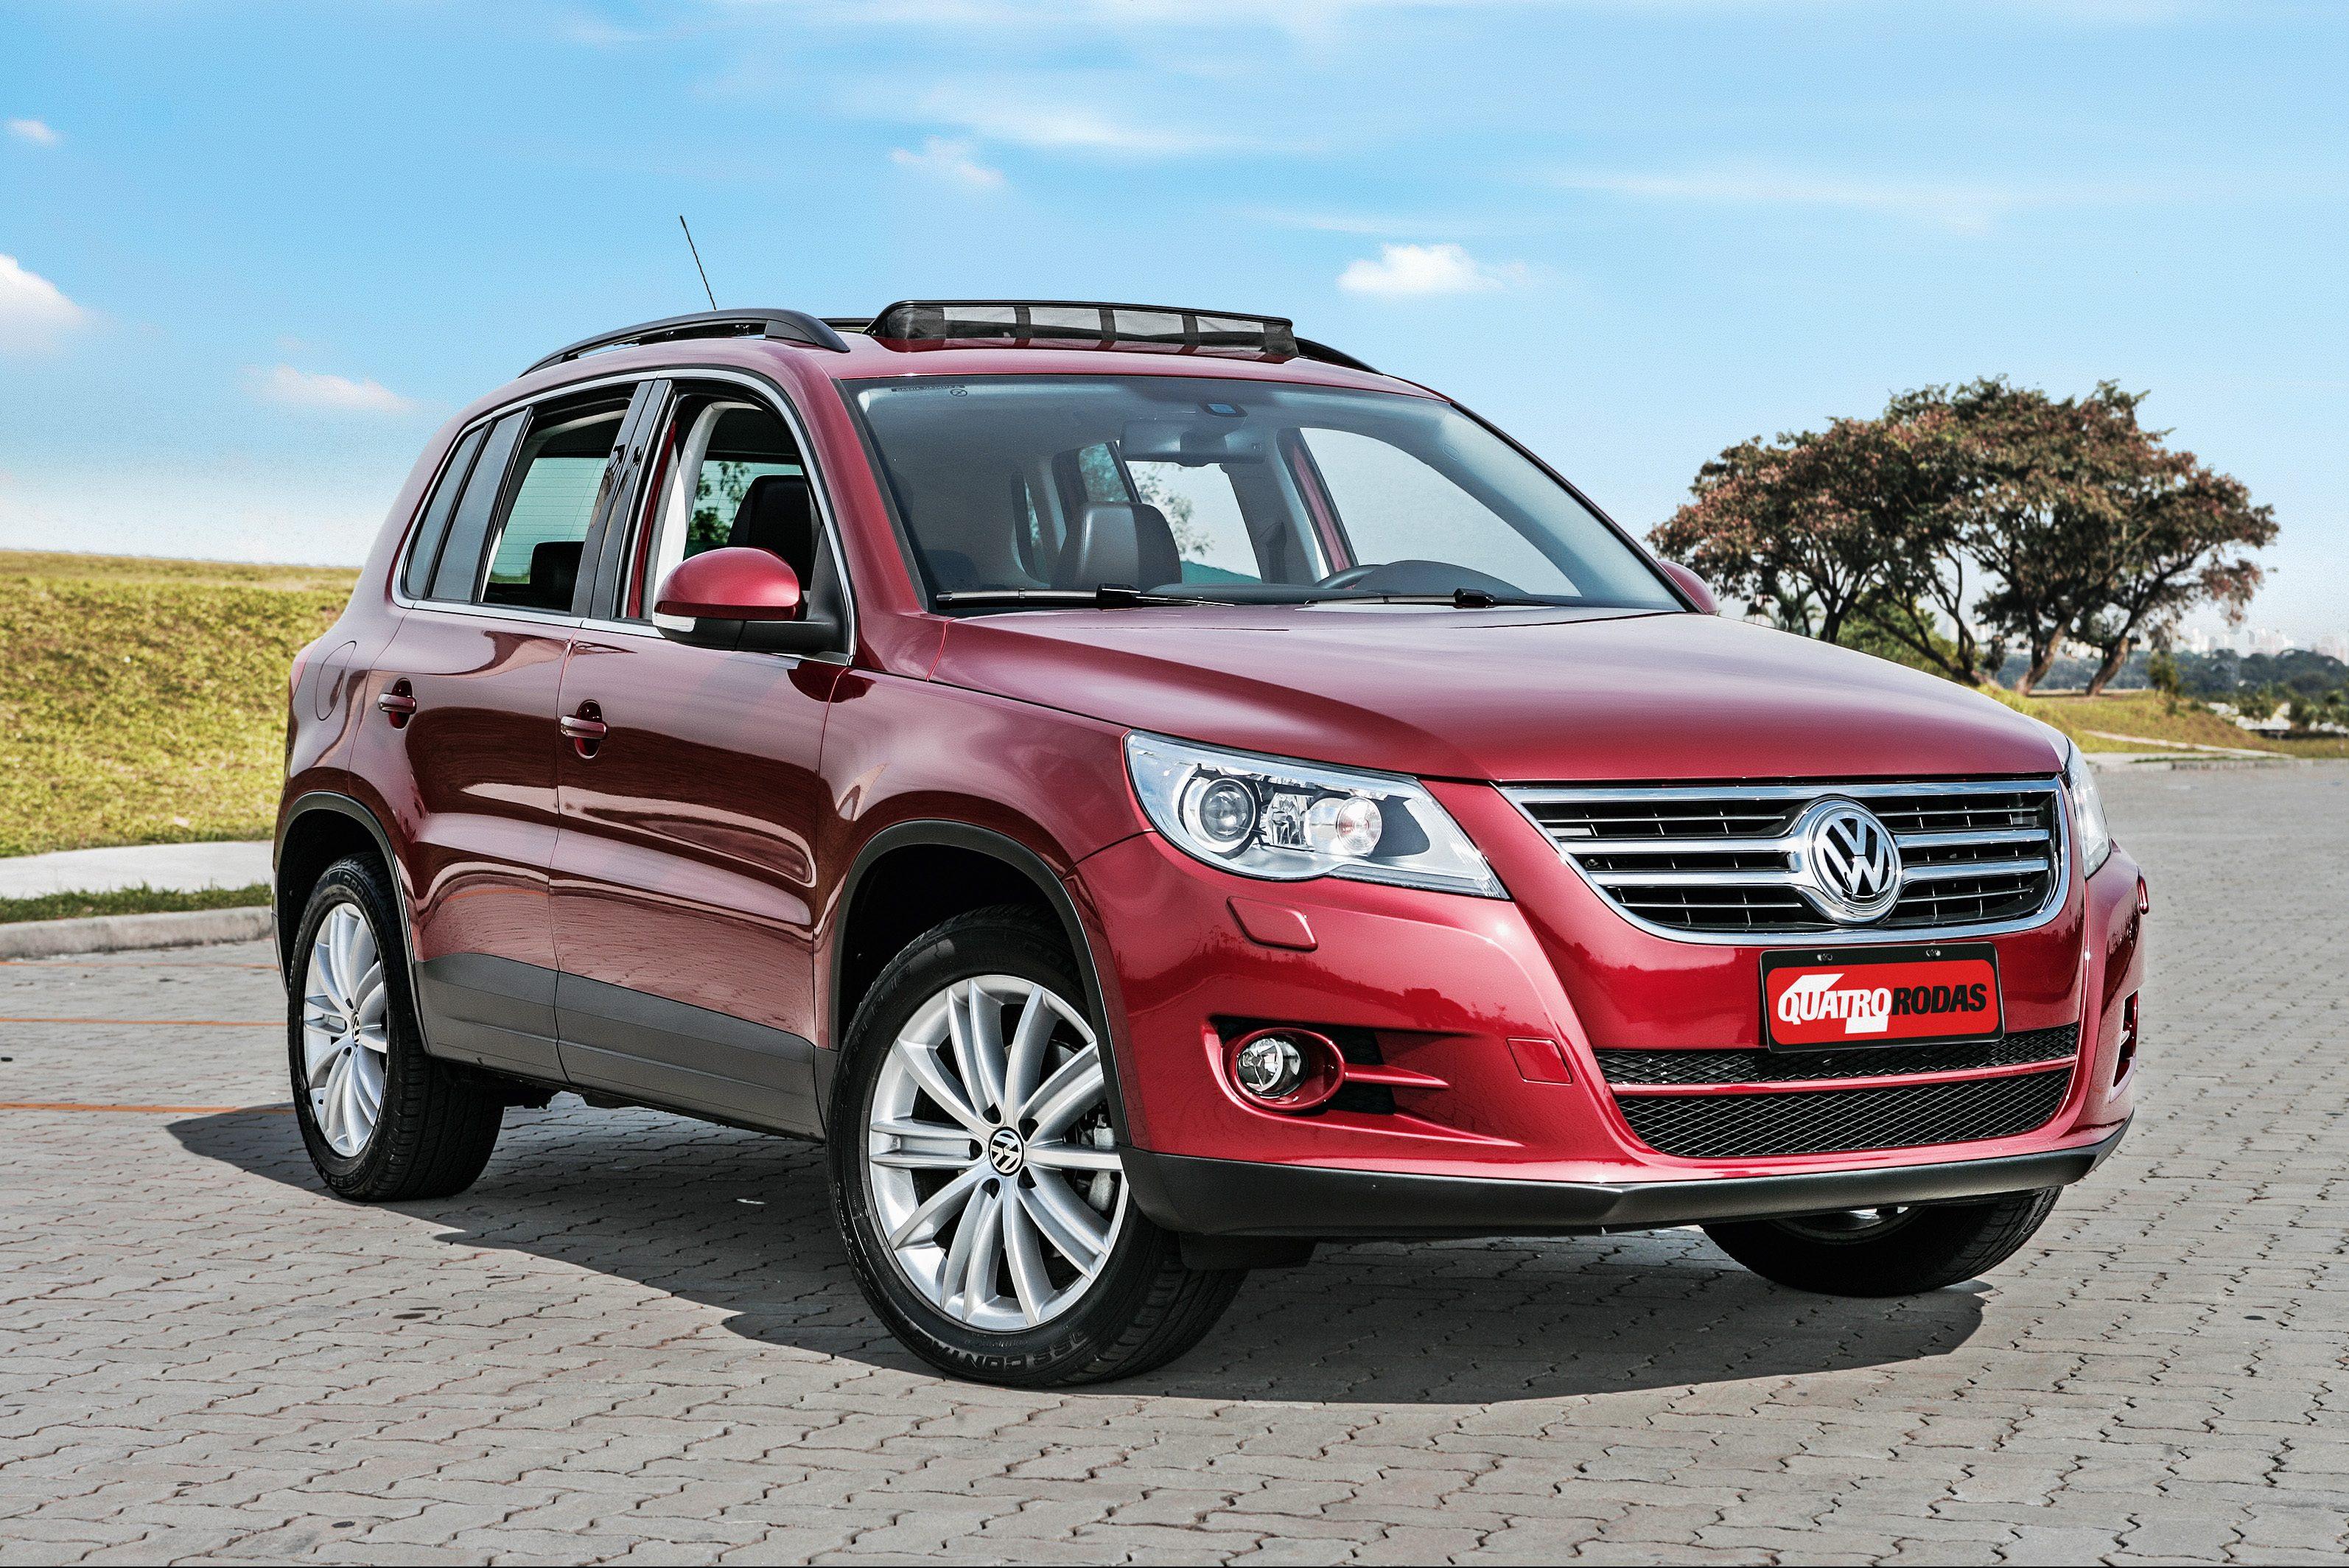 Usado do mês: primeiro VW Tiguan era um Golf SUV, mas tem manutenção cara